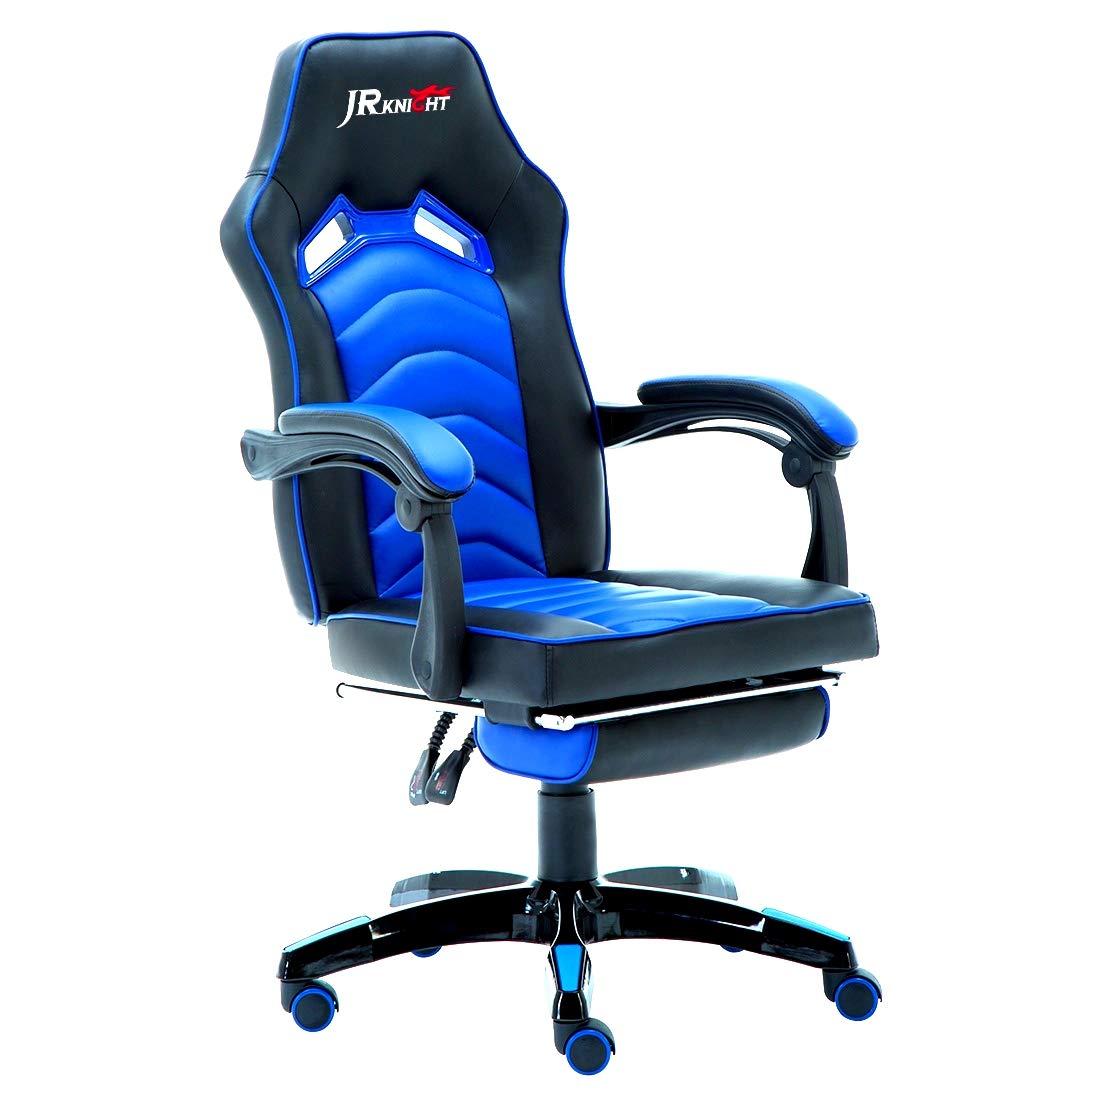 JR Knight LC-02BKBL - Silla de jugador reclinable de cuero con reposapiés, giratoria, ideal para renovar el despacho o jugar a videojuegos: Amazon.es: ...